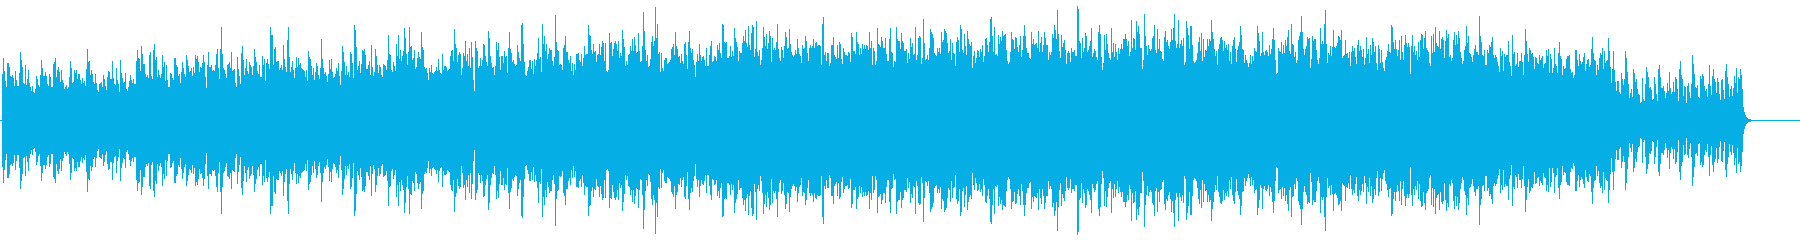 時をイメージした壮大な曲の再生済みの波形